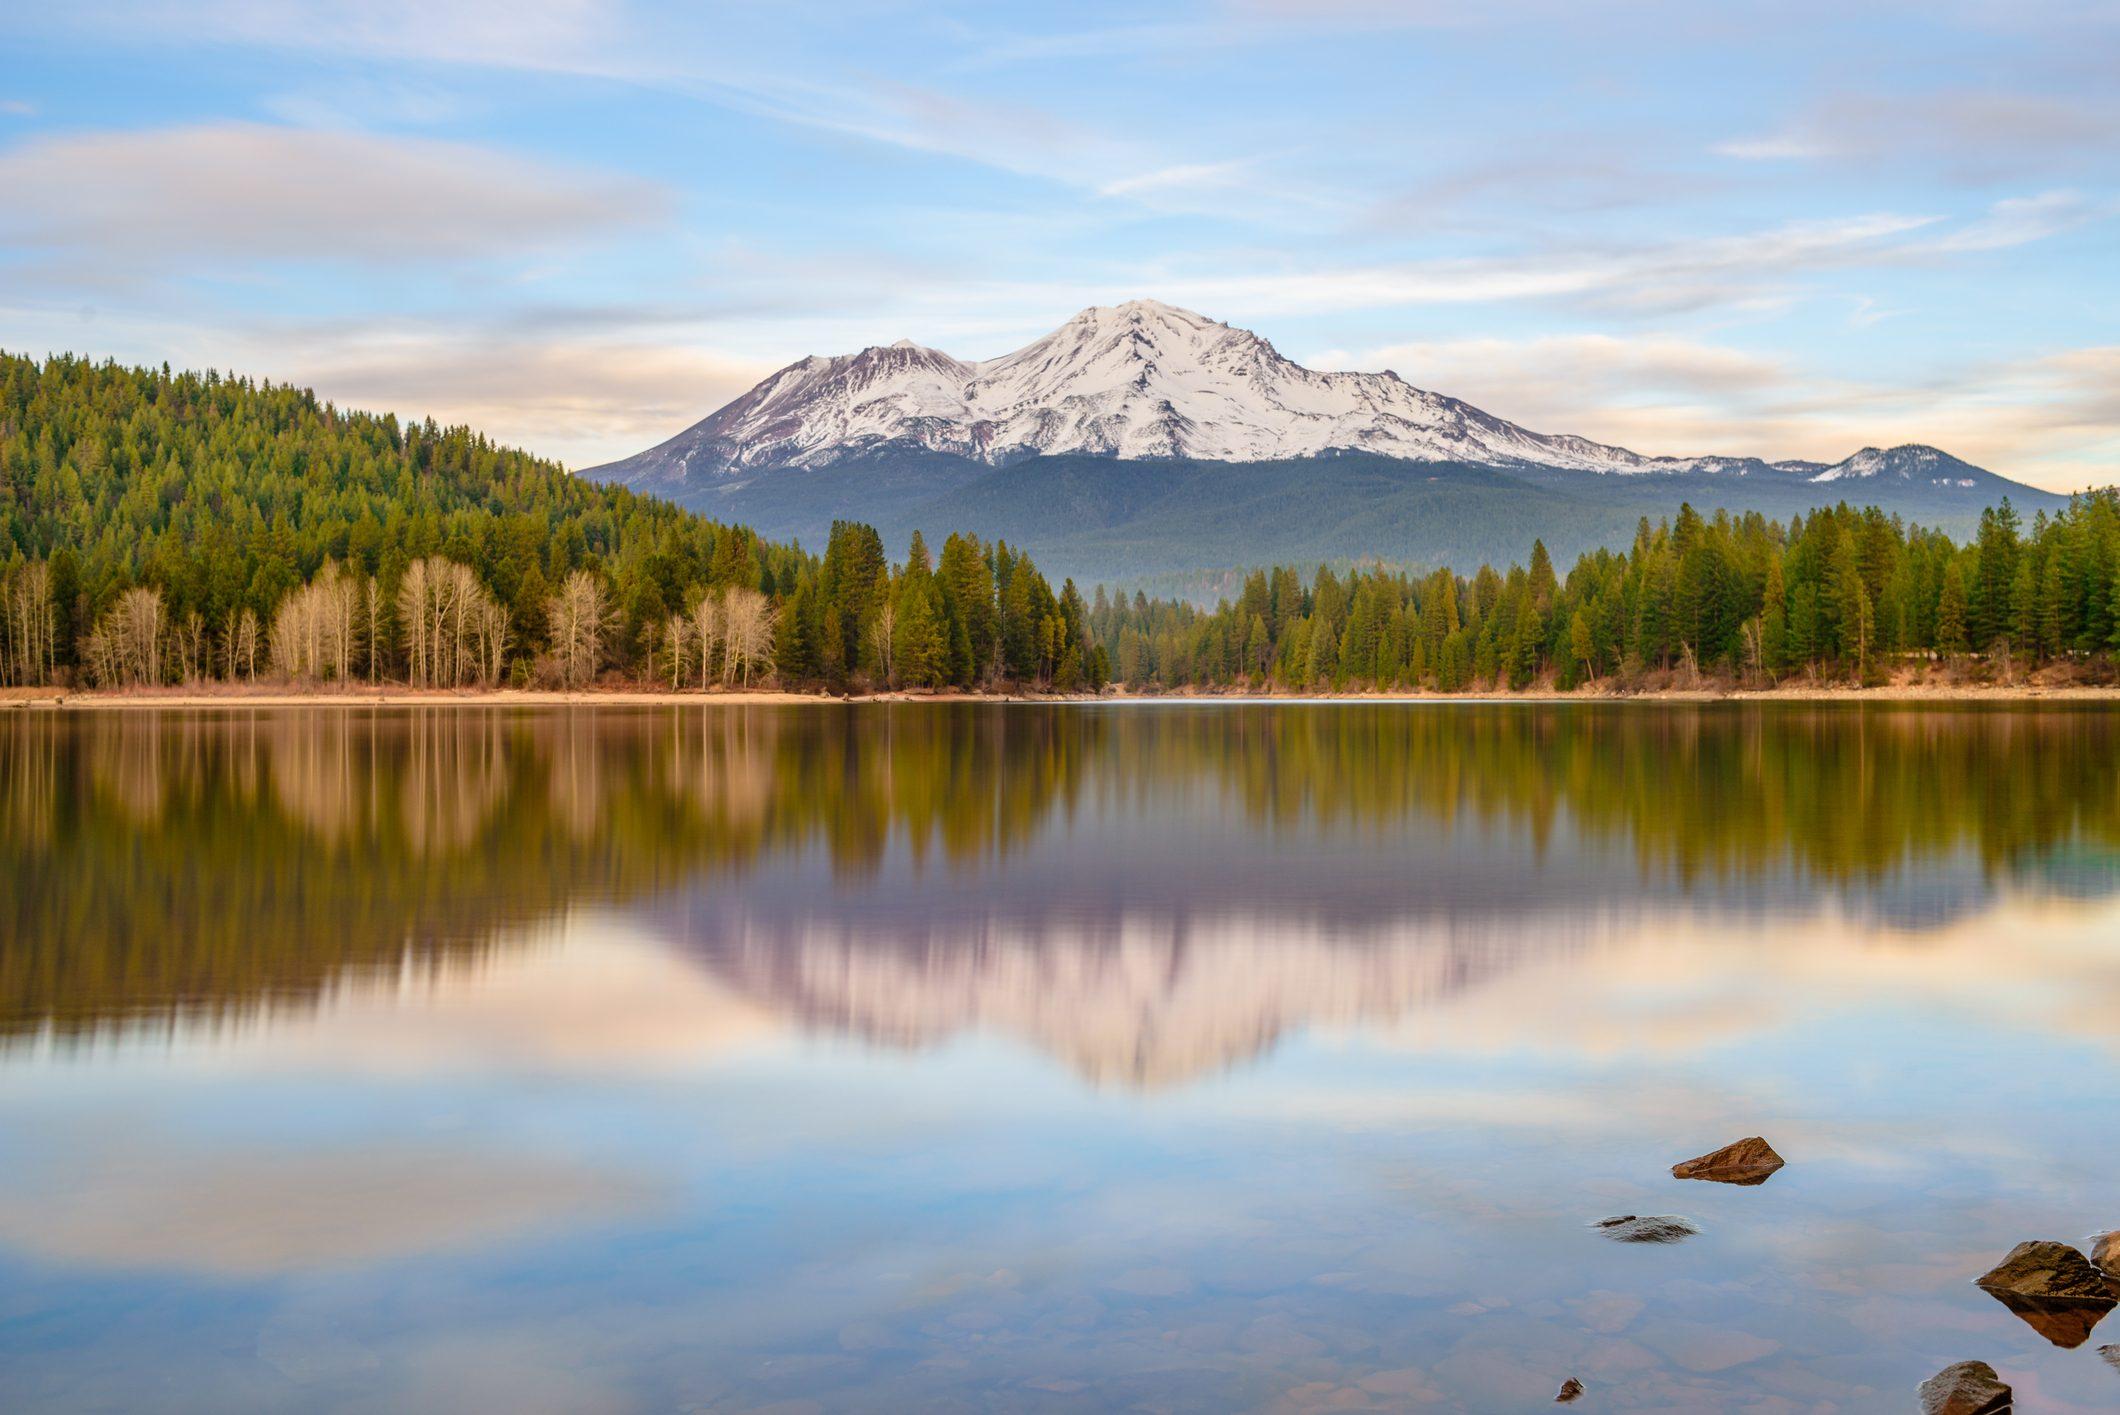 Mt.Shasta from Lake Siskiyou